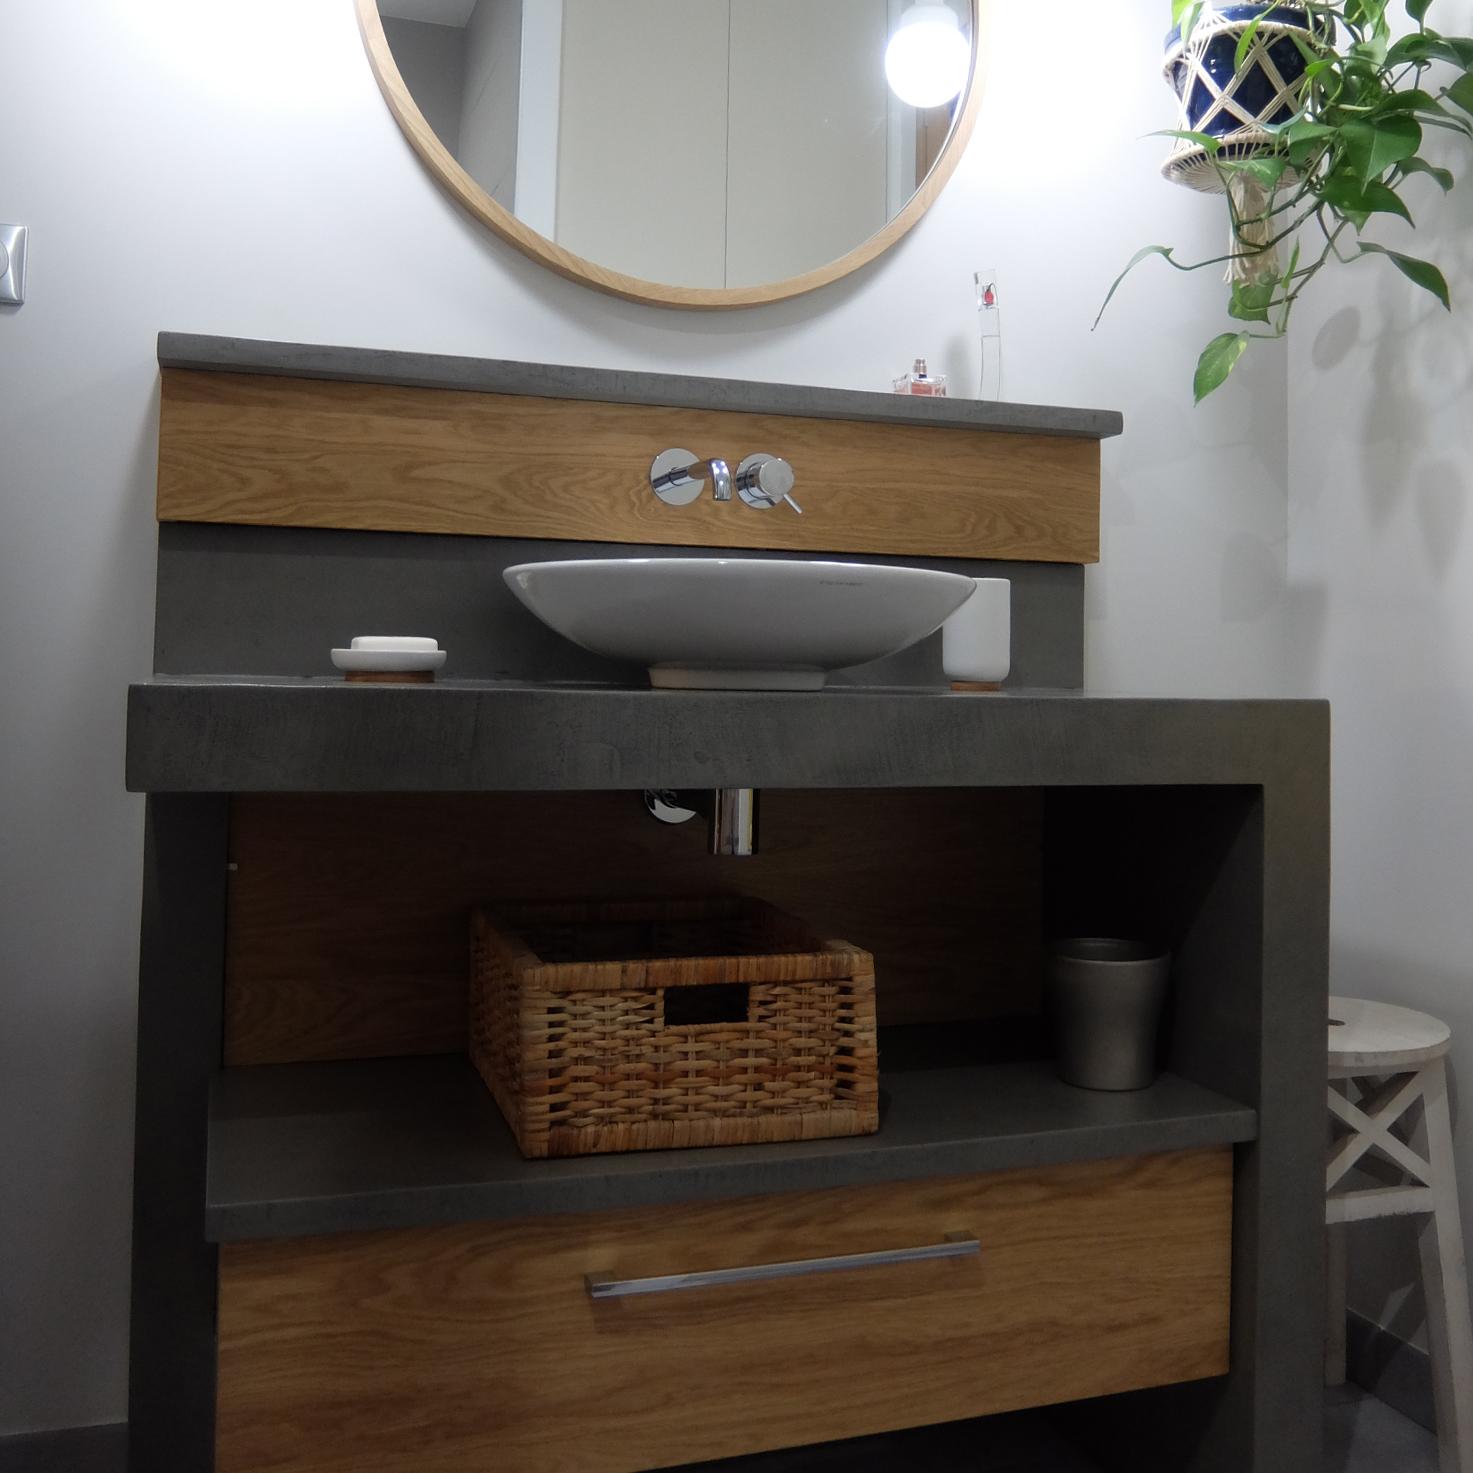 Meuble En Béton Ciré polaris | meuble de salle de bain béton ciré et chêne bois